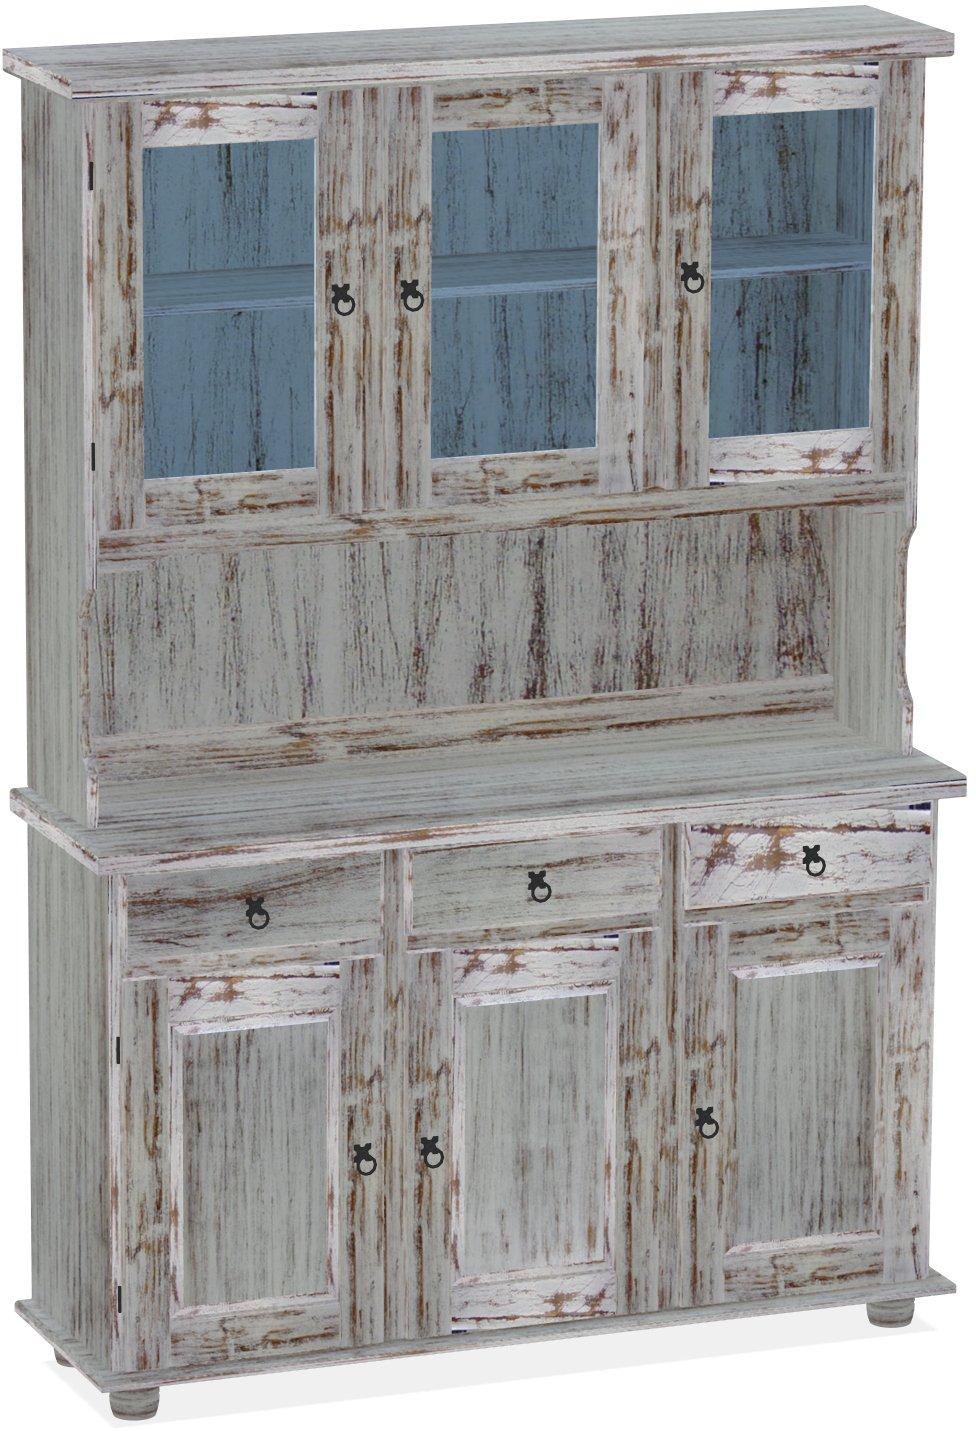 Brasilmöbel Highboard, Pinie Massivholz, geölt und gewachst Shabby – Eiche antik, L/B/H: 129 x 39 x 187 cm